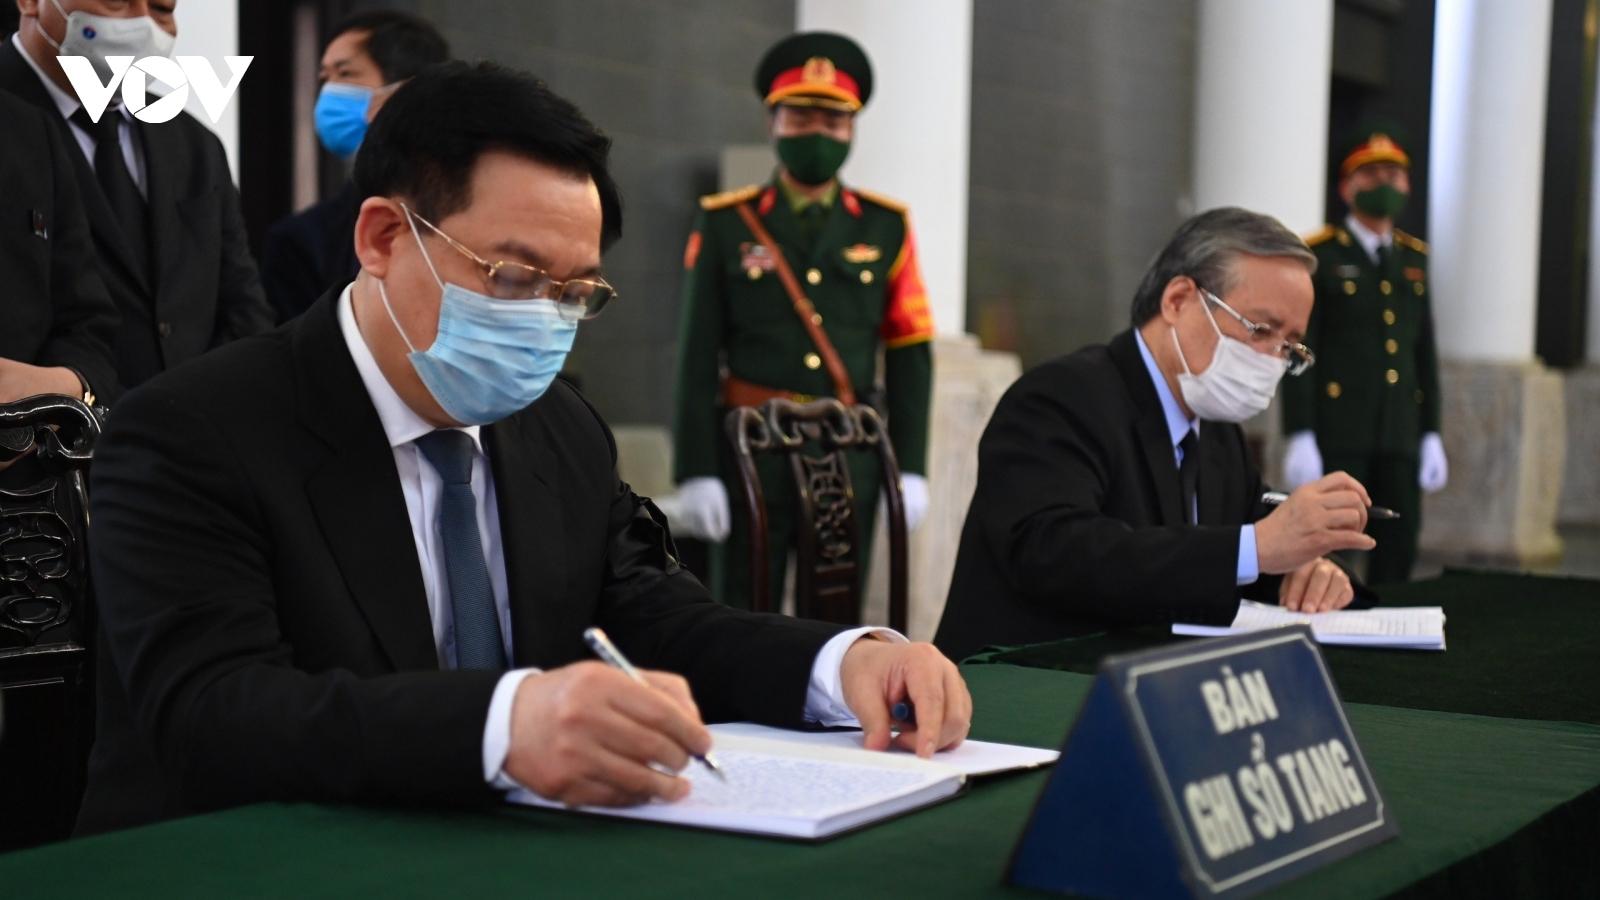 Xúc động những dòng sổ tang tiễn biệt nguyên Phó Thủ tướng Trương Vĩnh Trọng